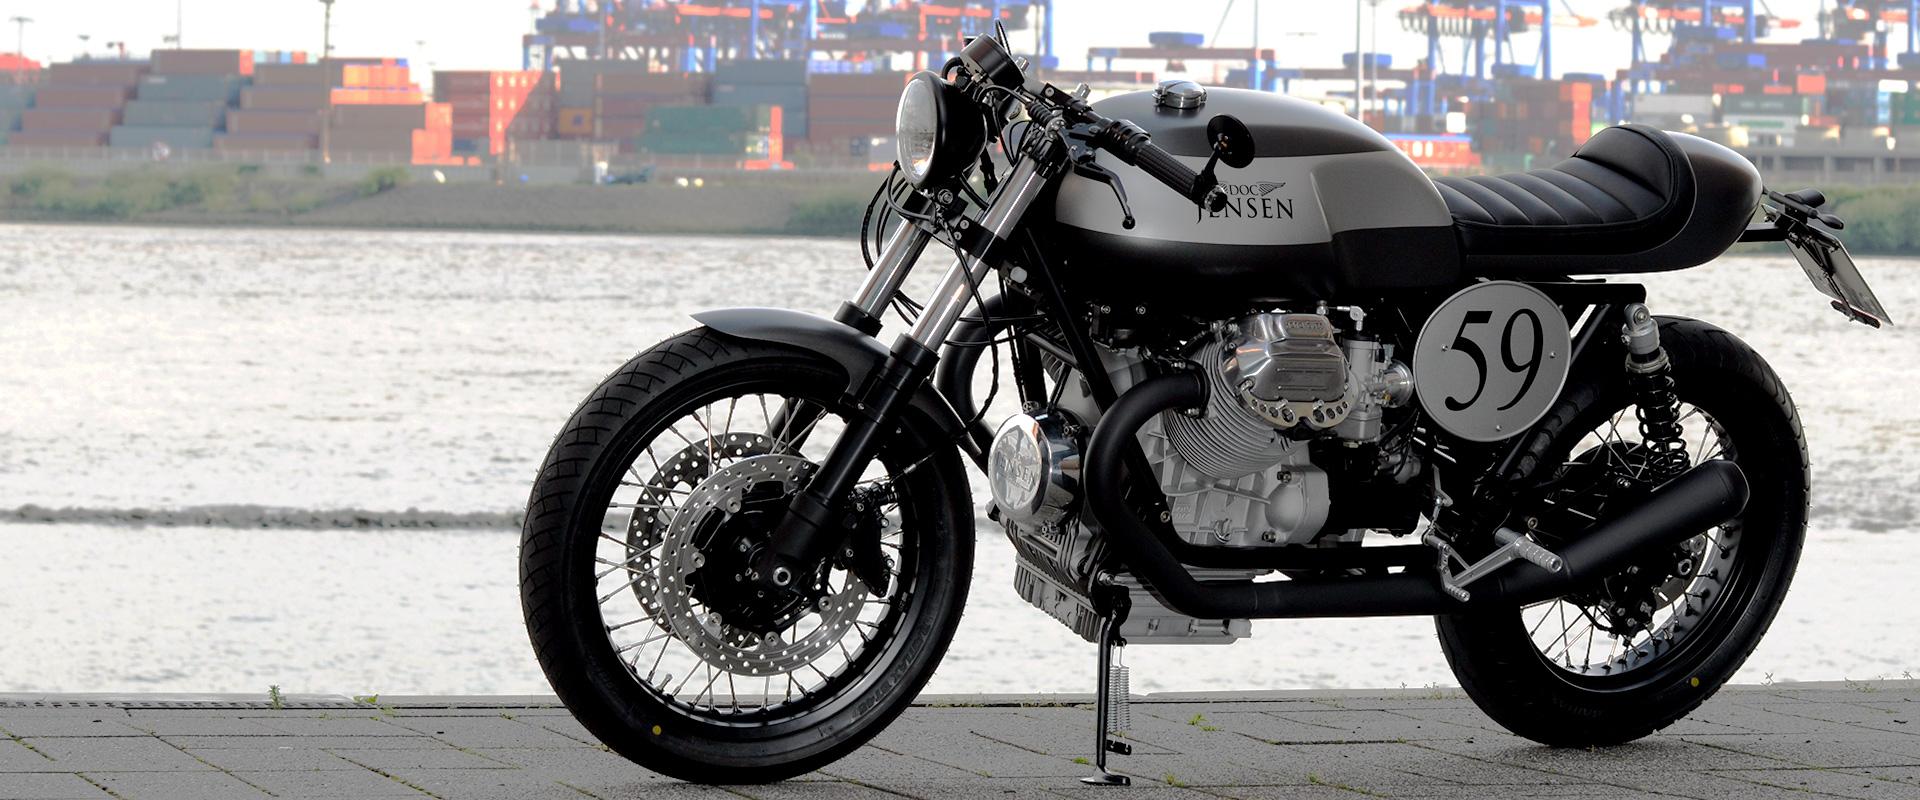 Doc Jensen Moto Guzzi Custom Freie Motorradwerkstatt Doc